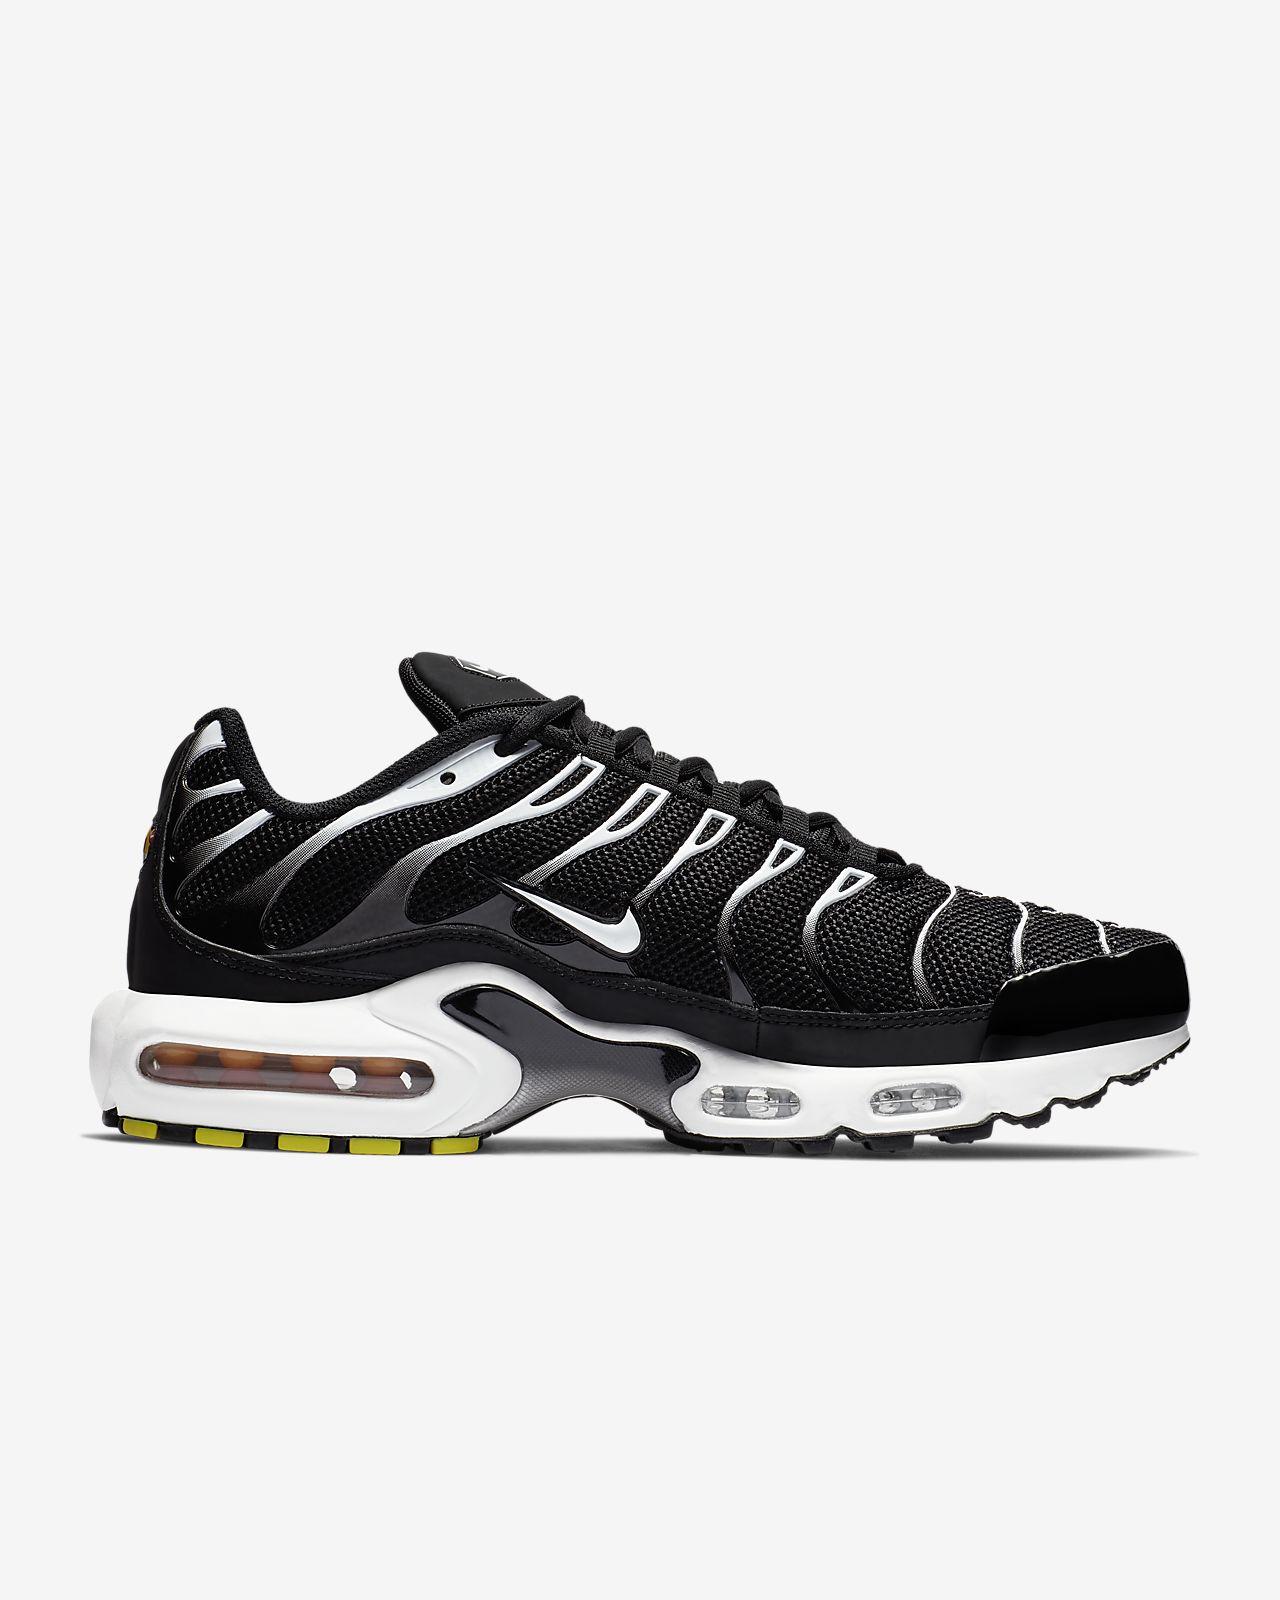 separation shoes da598 32d77 Nike Air Max Plus